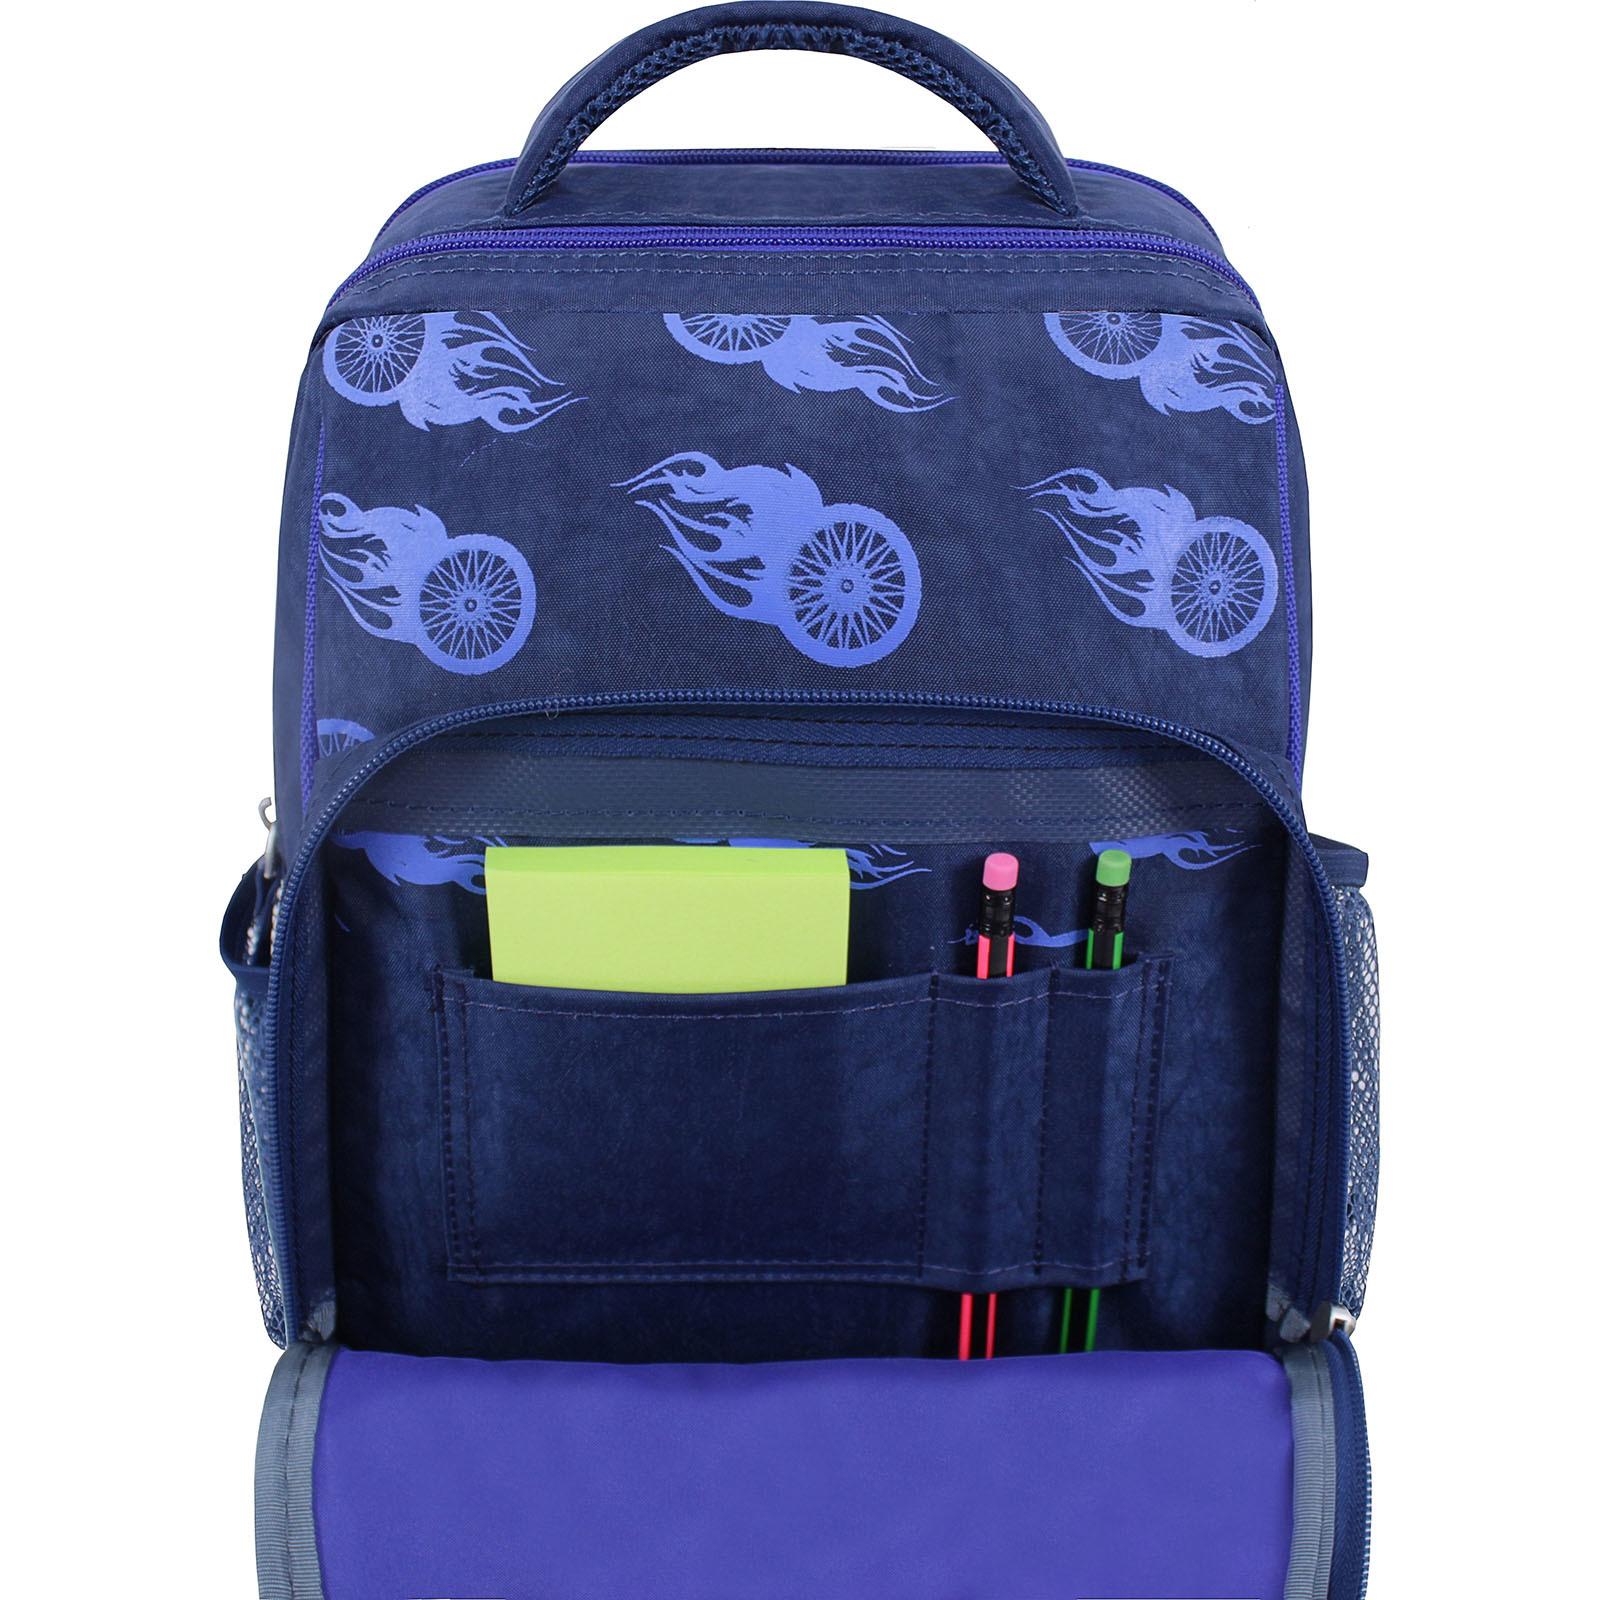 Рюкзак школьный Bagland Школьник 8 л. синий 507 (0012870) фото 4